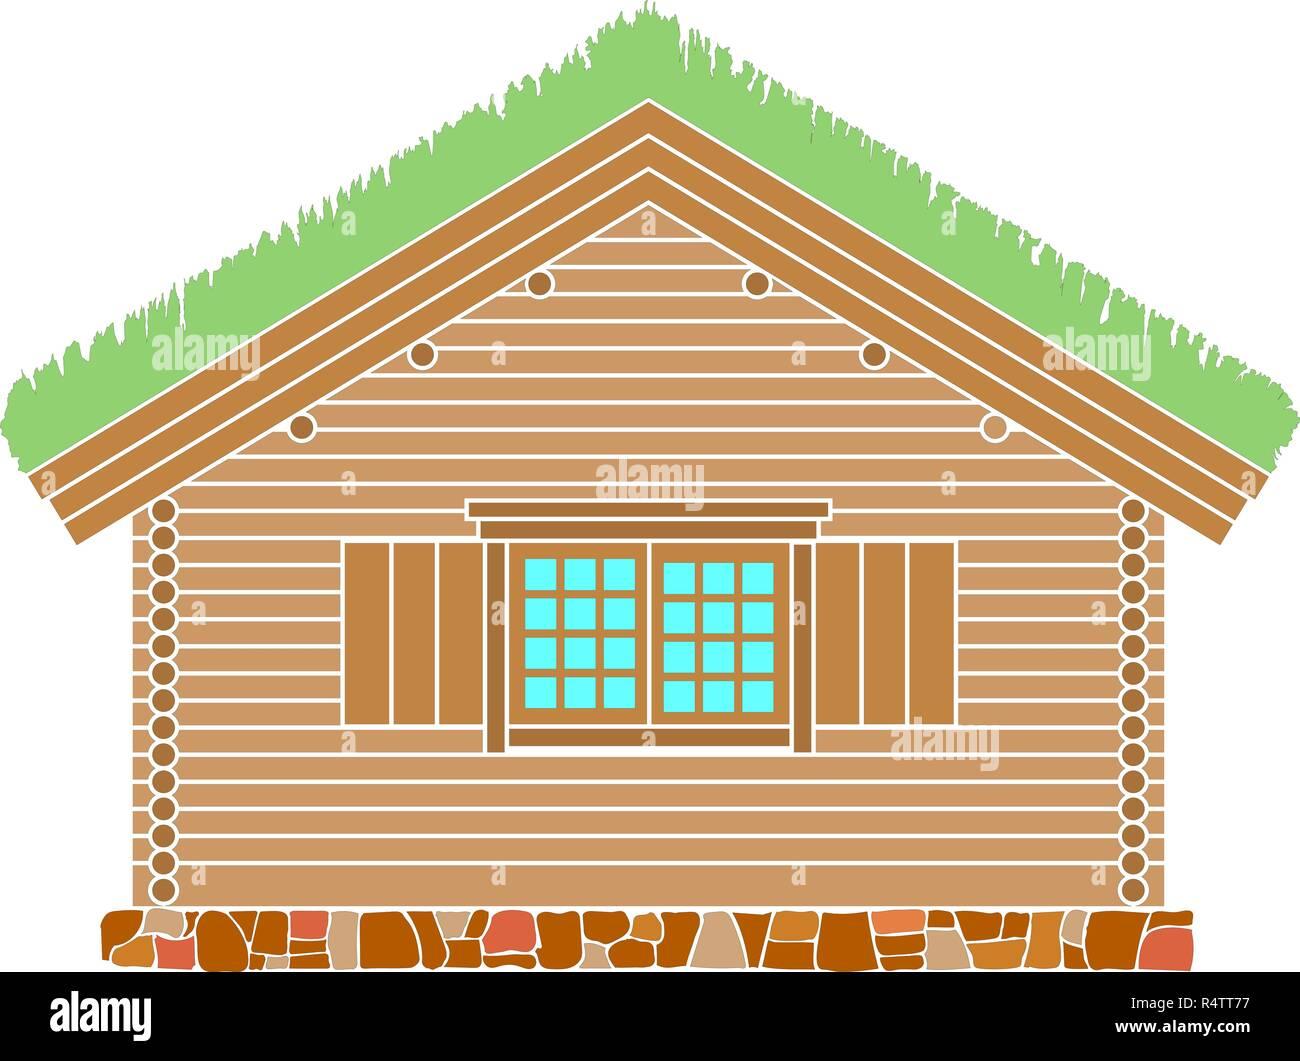 Maison traditionnelle norvégienne de bois rond . Le toit est recouvert de greensward. Vector illustration. La couleur d'ossature. Illustration de Vecteur